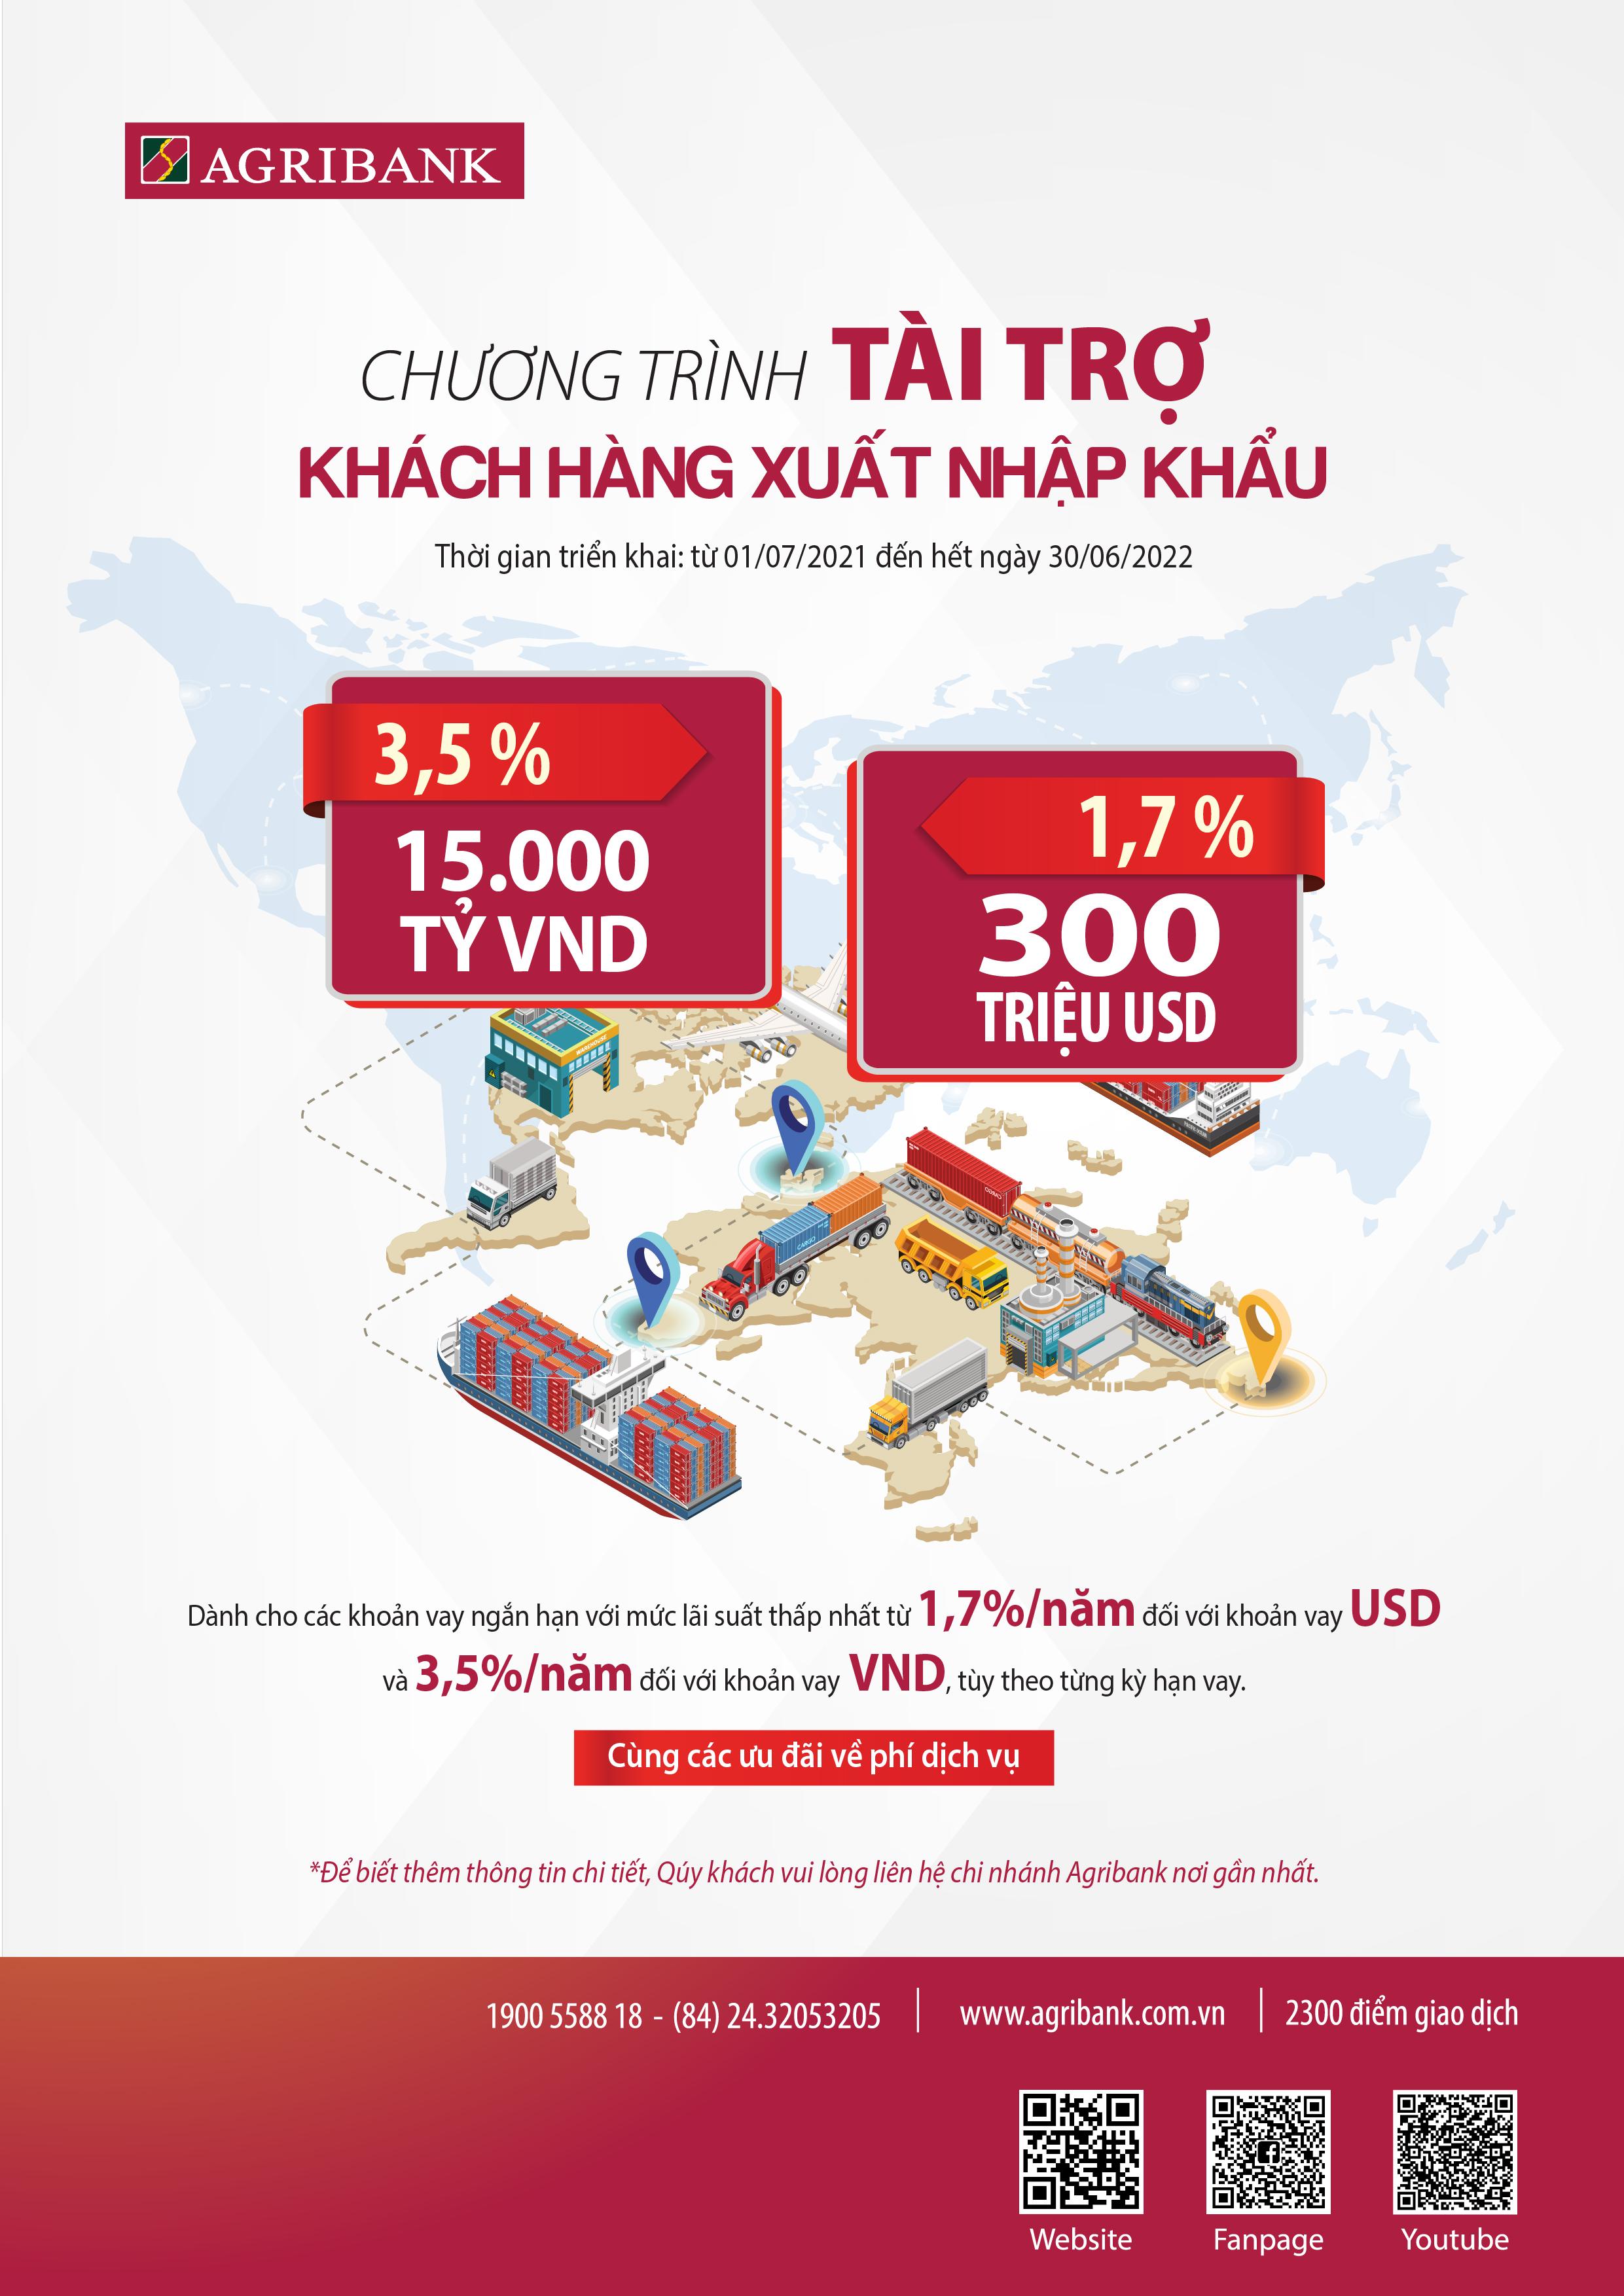 Agribank tiếp tục dành 30.000 tỷ đồng để đồng hành và phát triển cùng doanh nghiệp SMEs - Ảnh 2